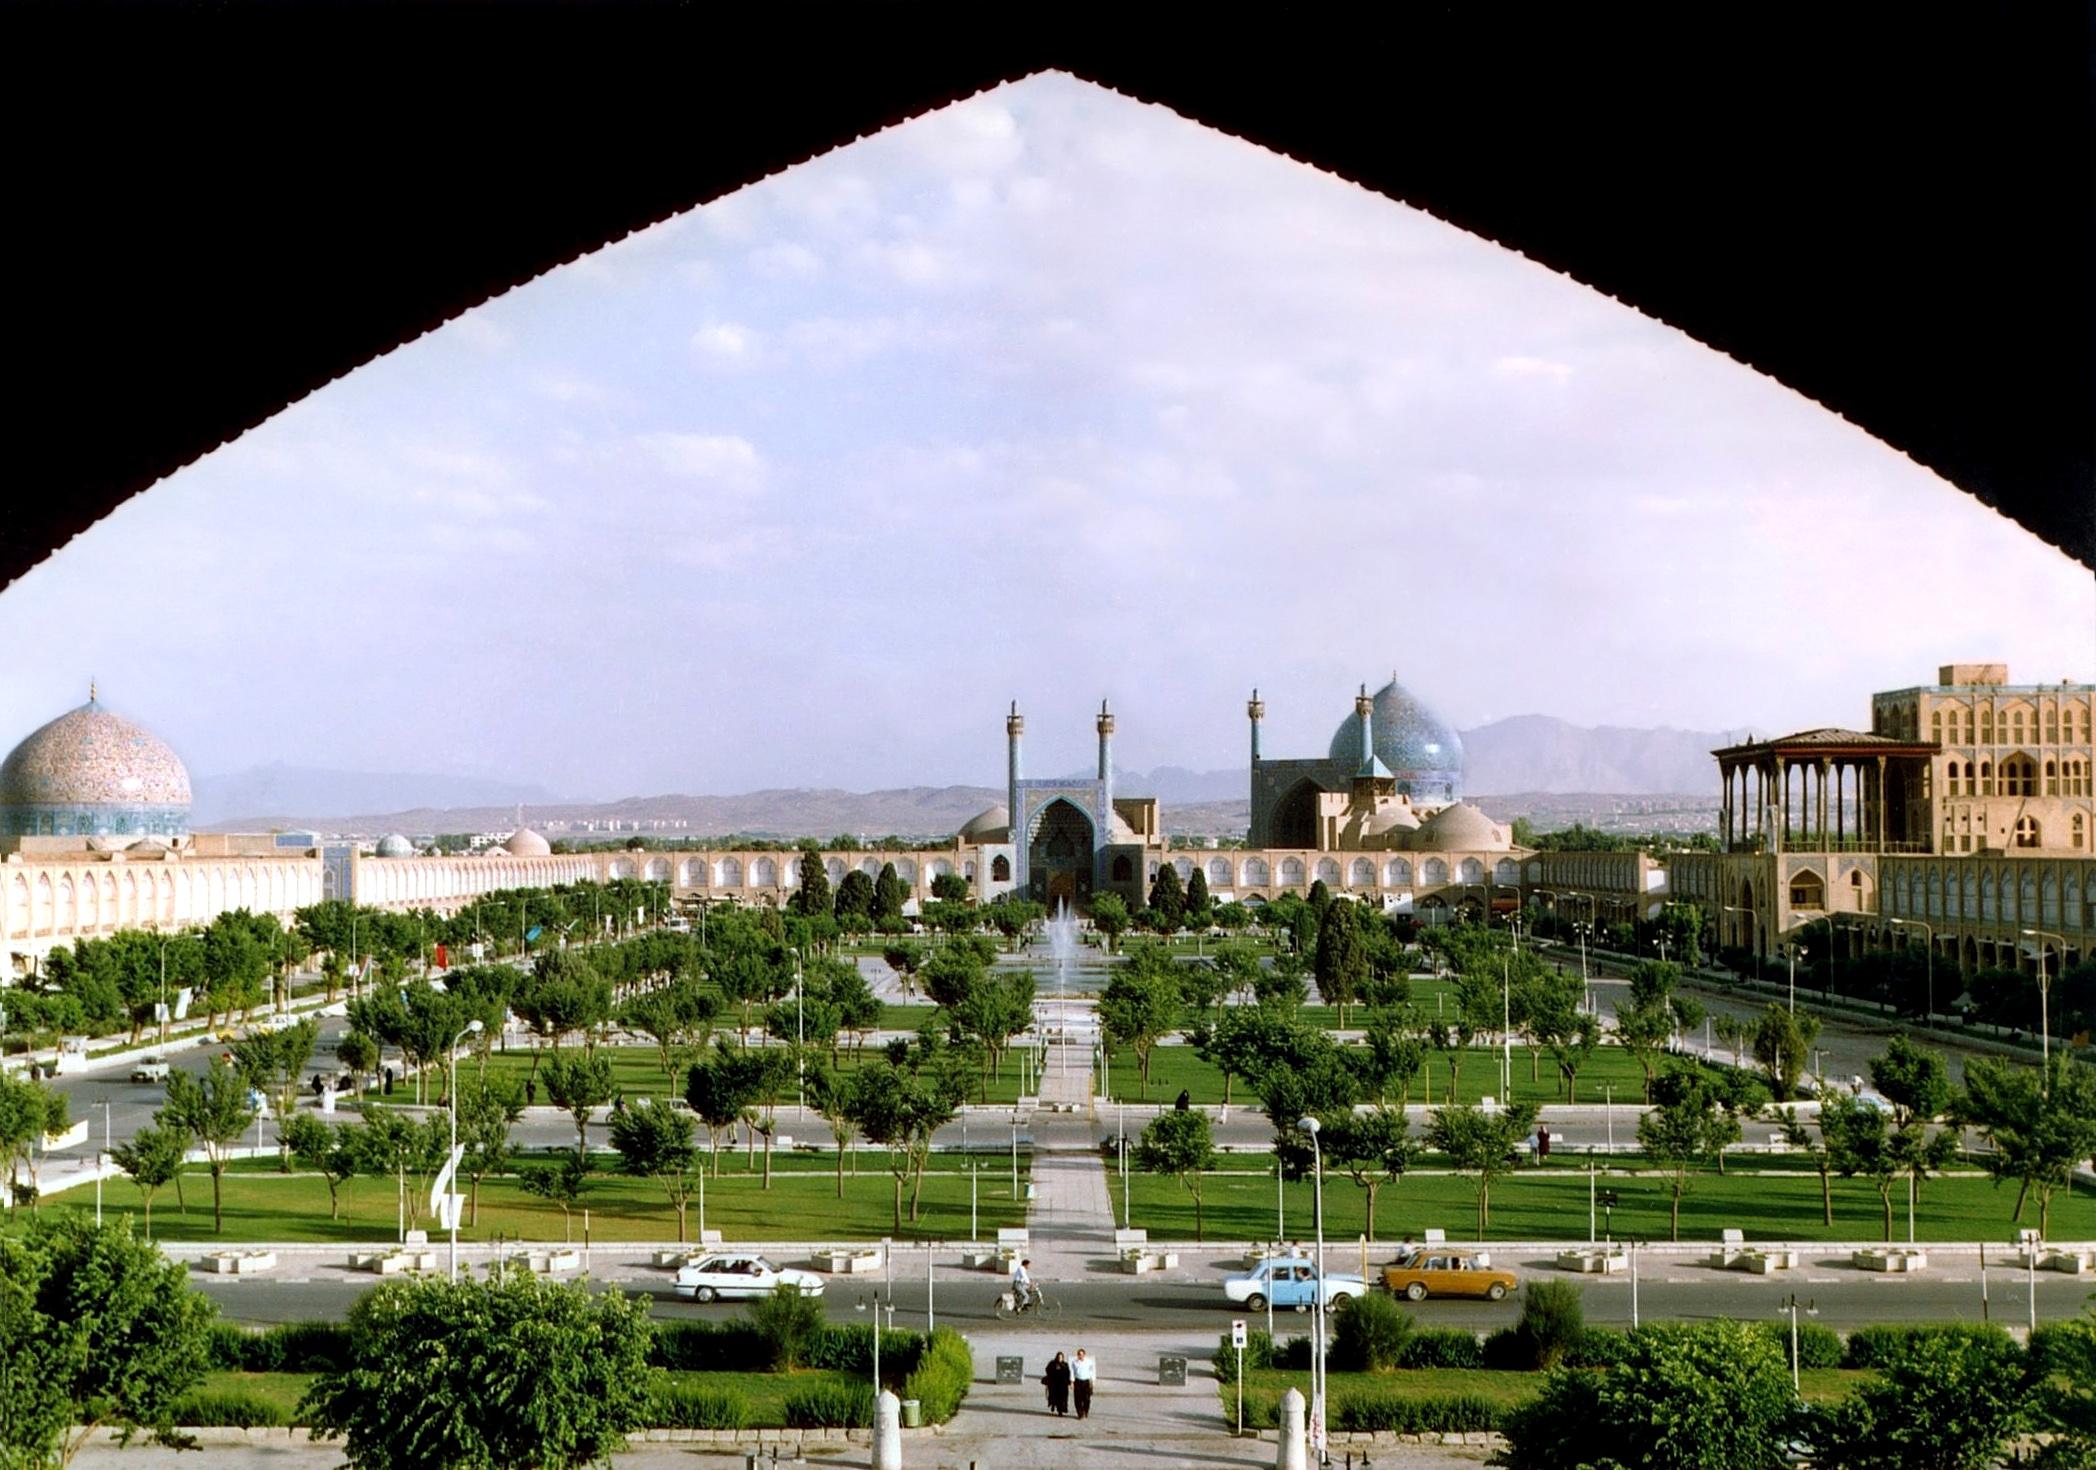 تحلیل و بررسی موقعیت طبیعی و جغرافیایی اصفهان